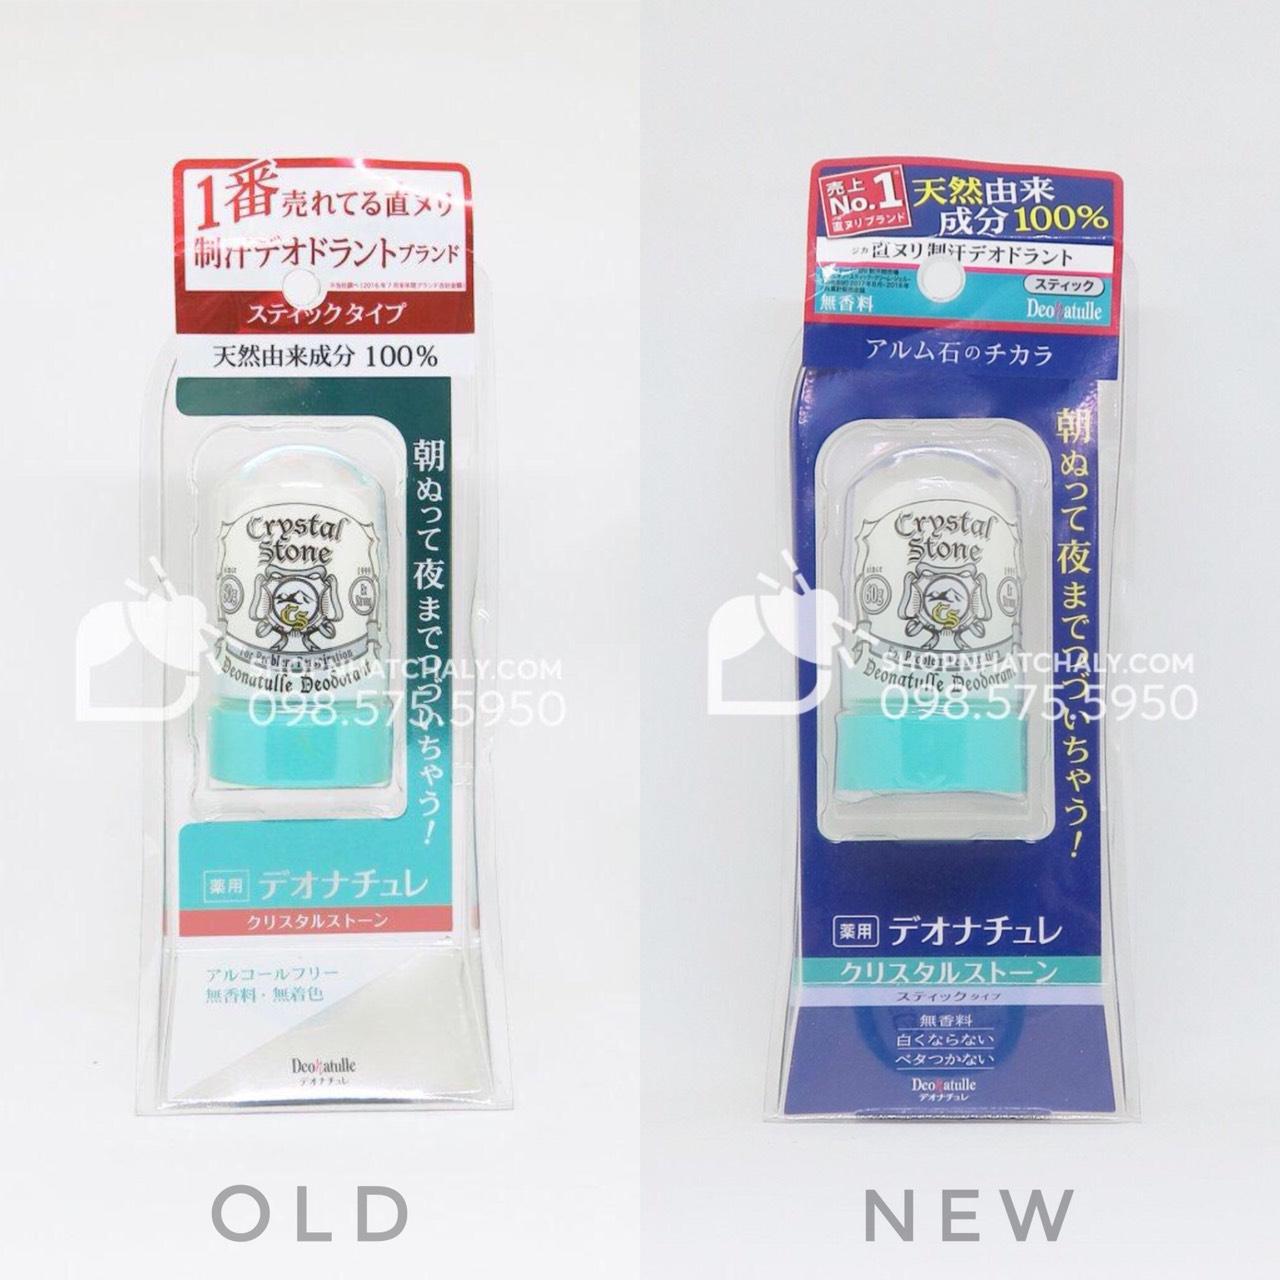 Lăn khử mùi đá khoáng Nhật Bản mẫu cũ (trái) và mẫu mới nhất hè 2019 (phải)